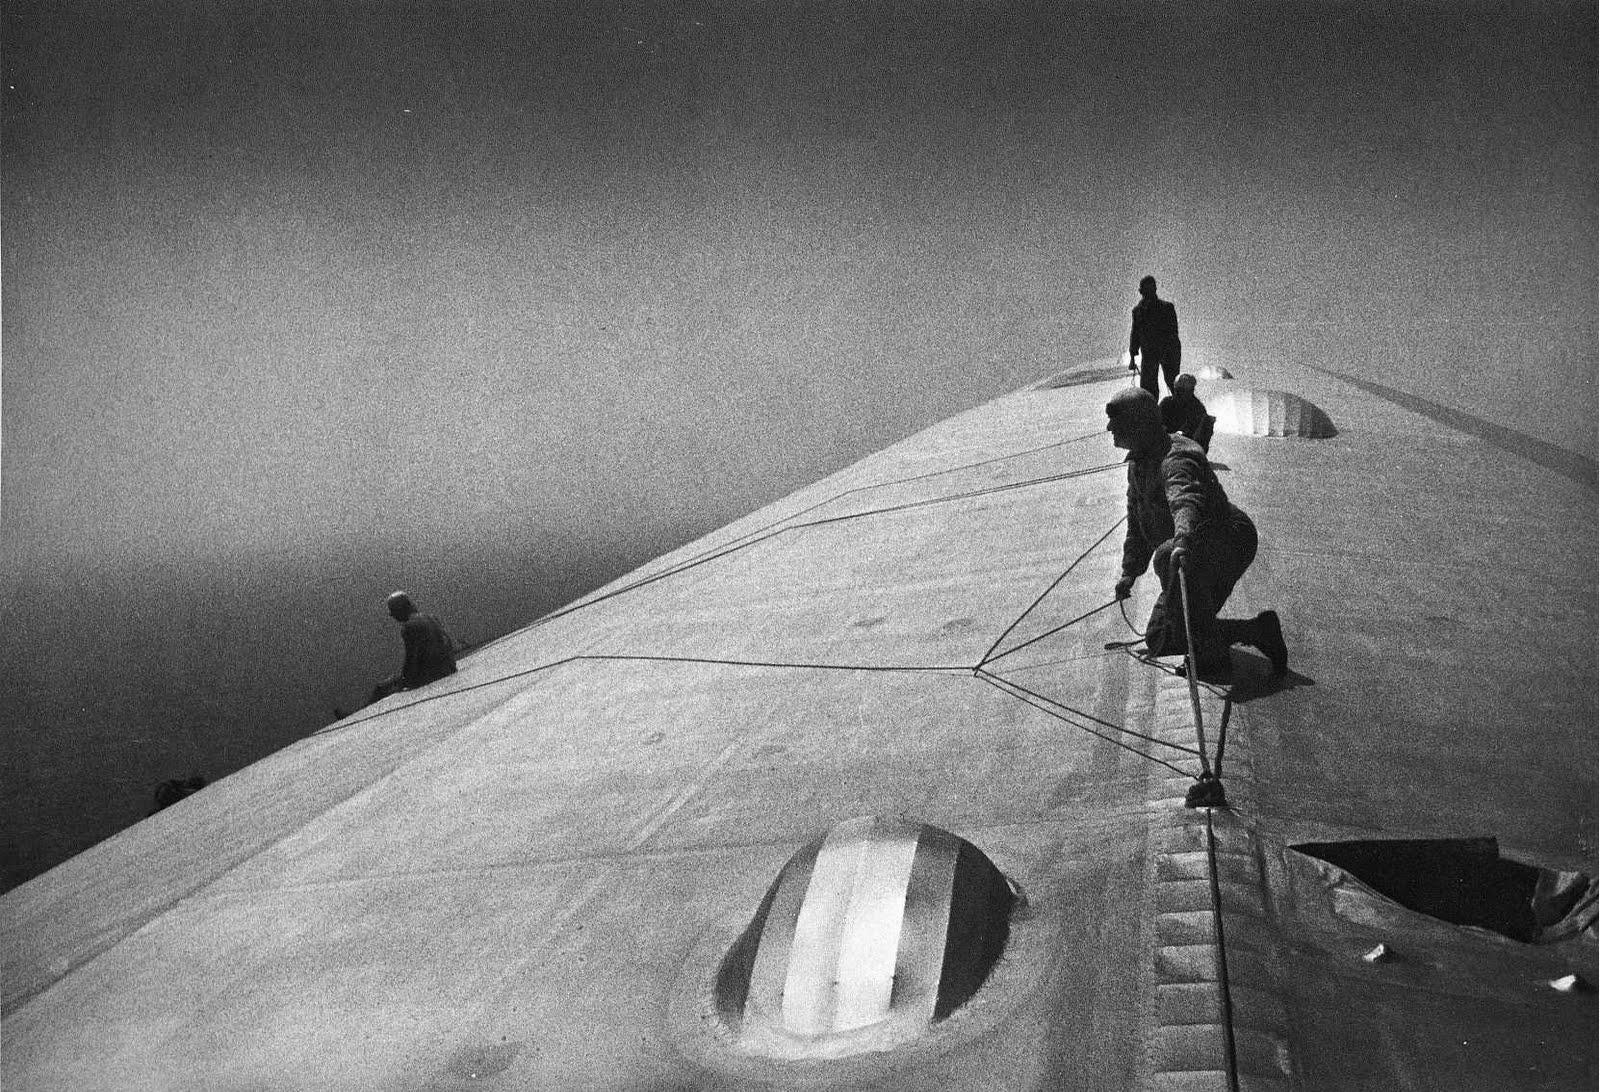 Men fixing a zeppelin in mid-flight over the Atlantic